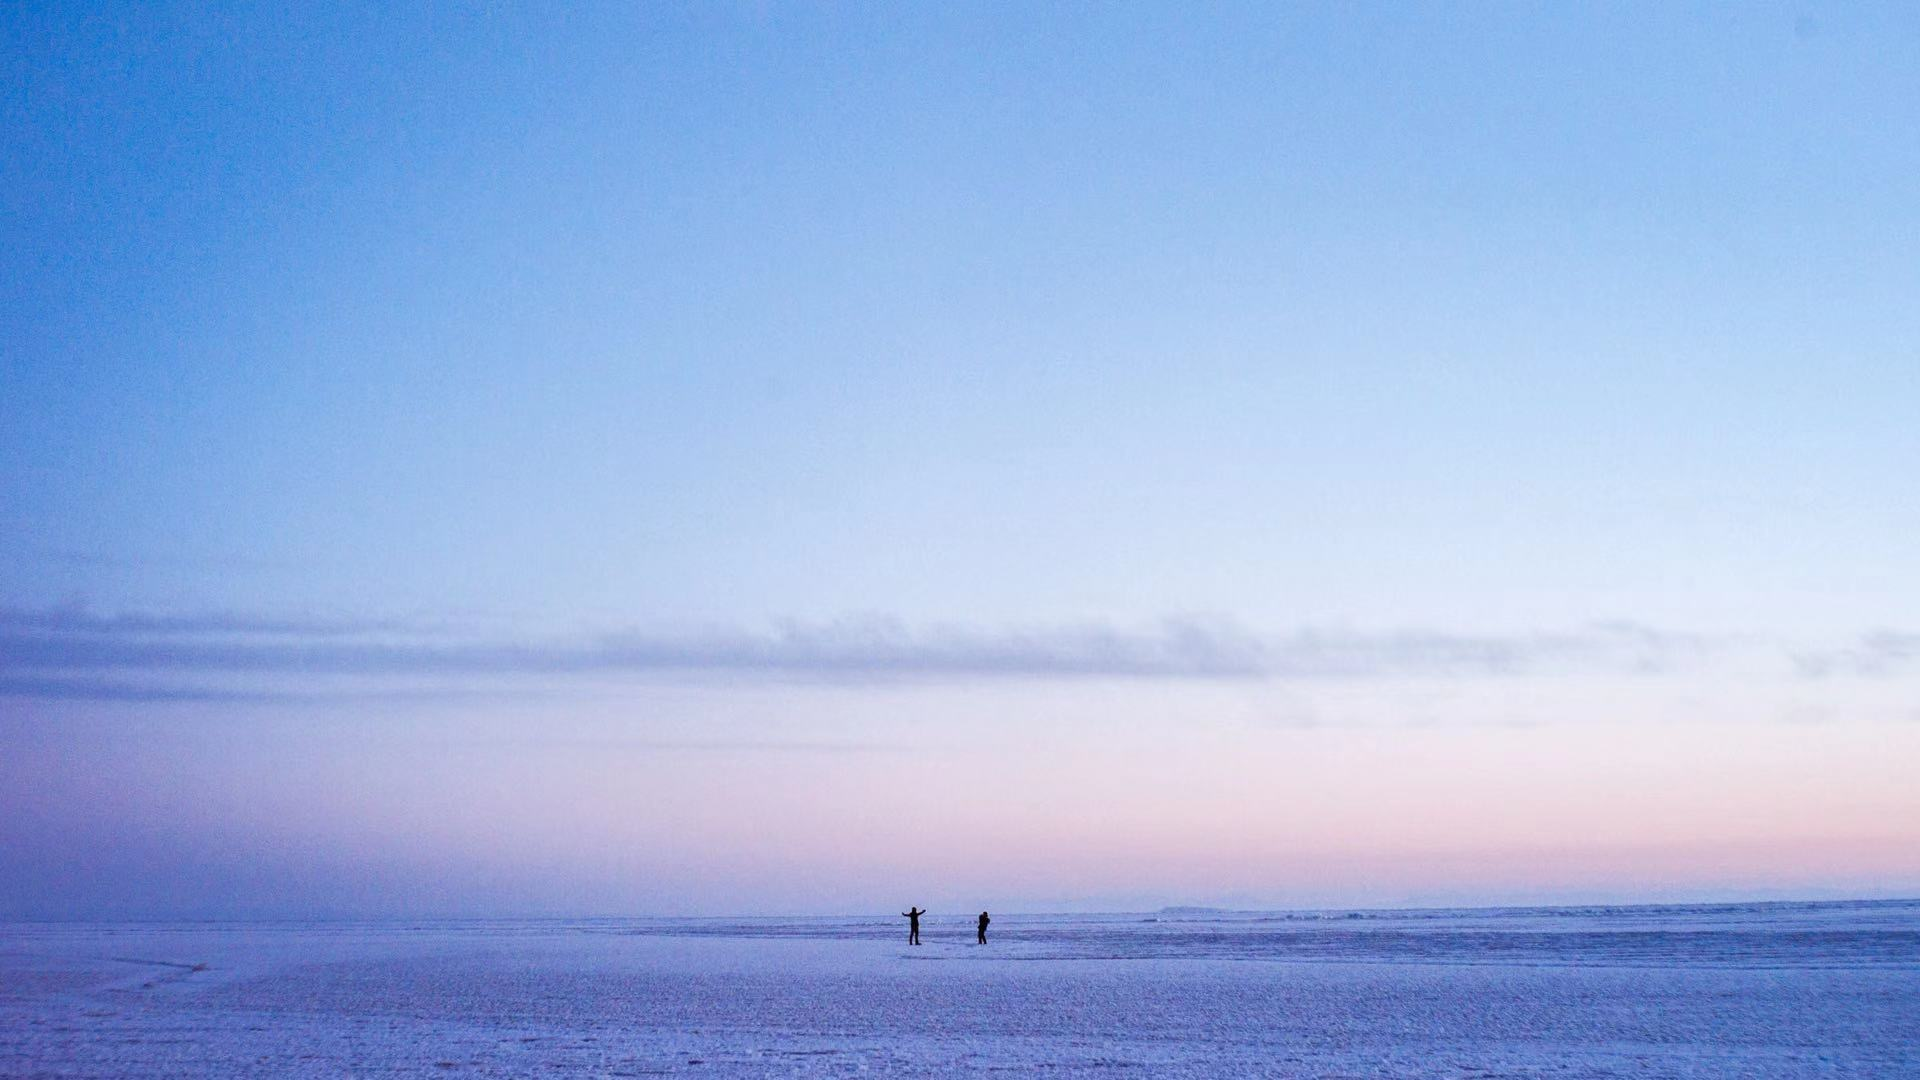 qinghai-lake-frozen-trip.JPG